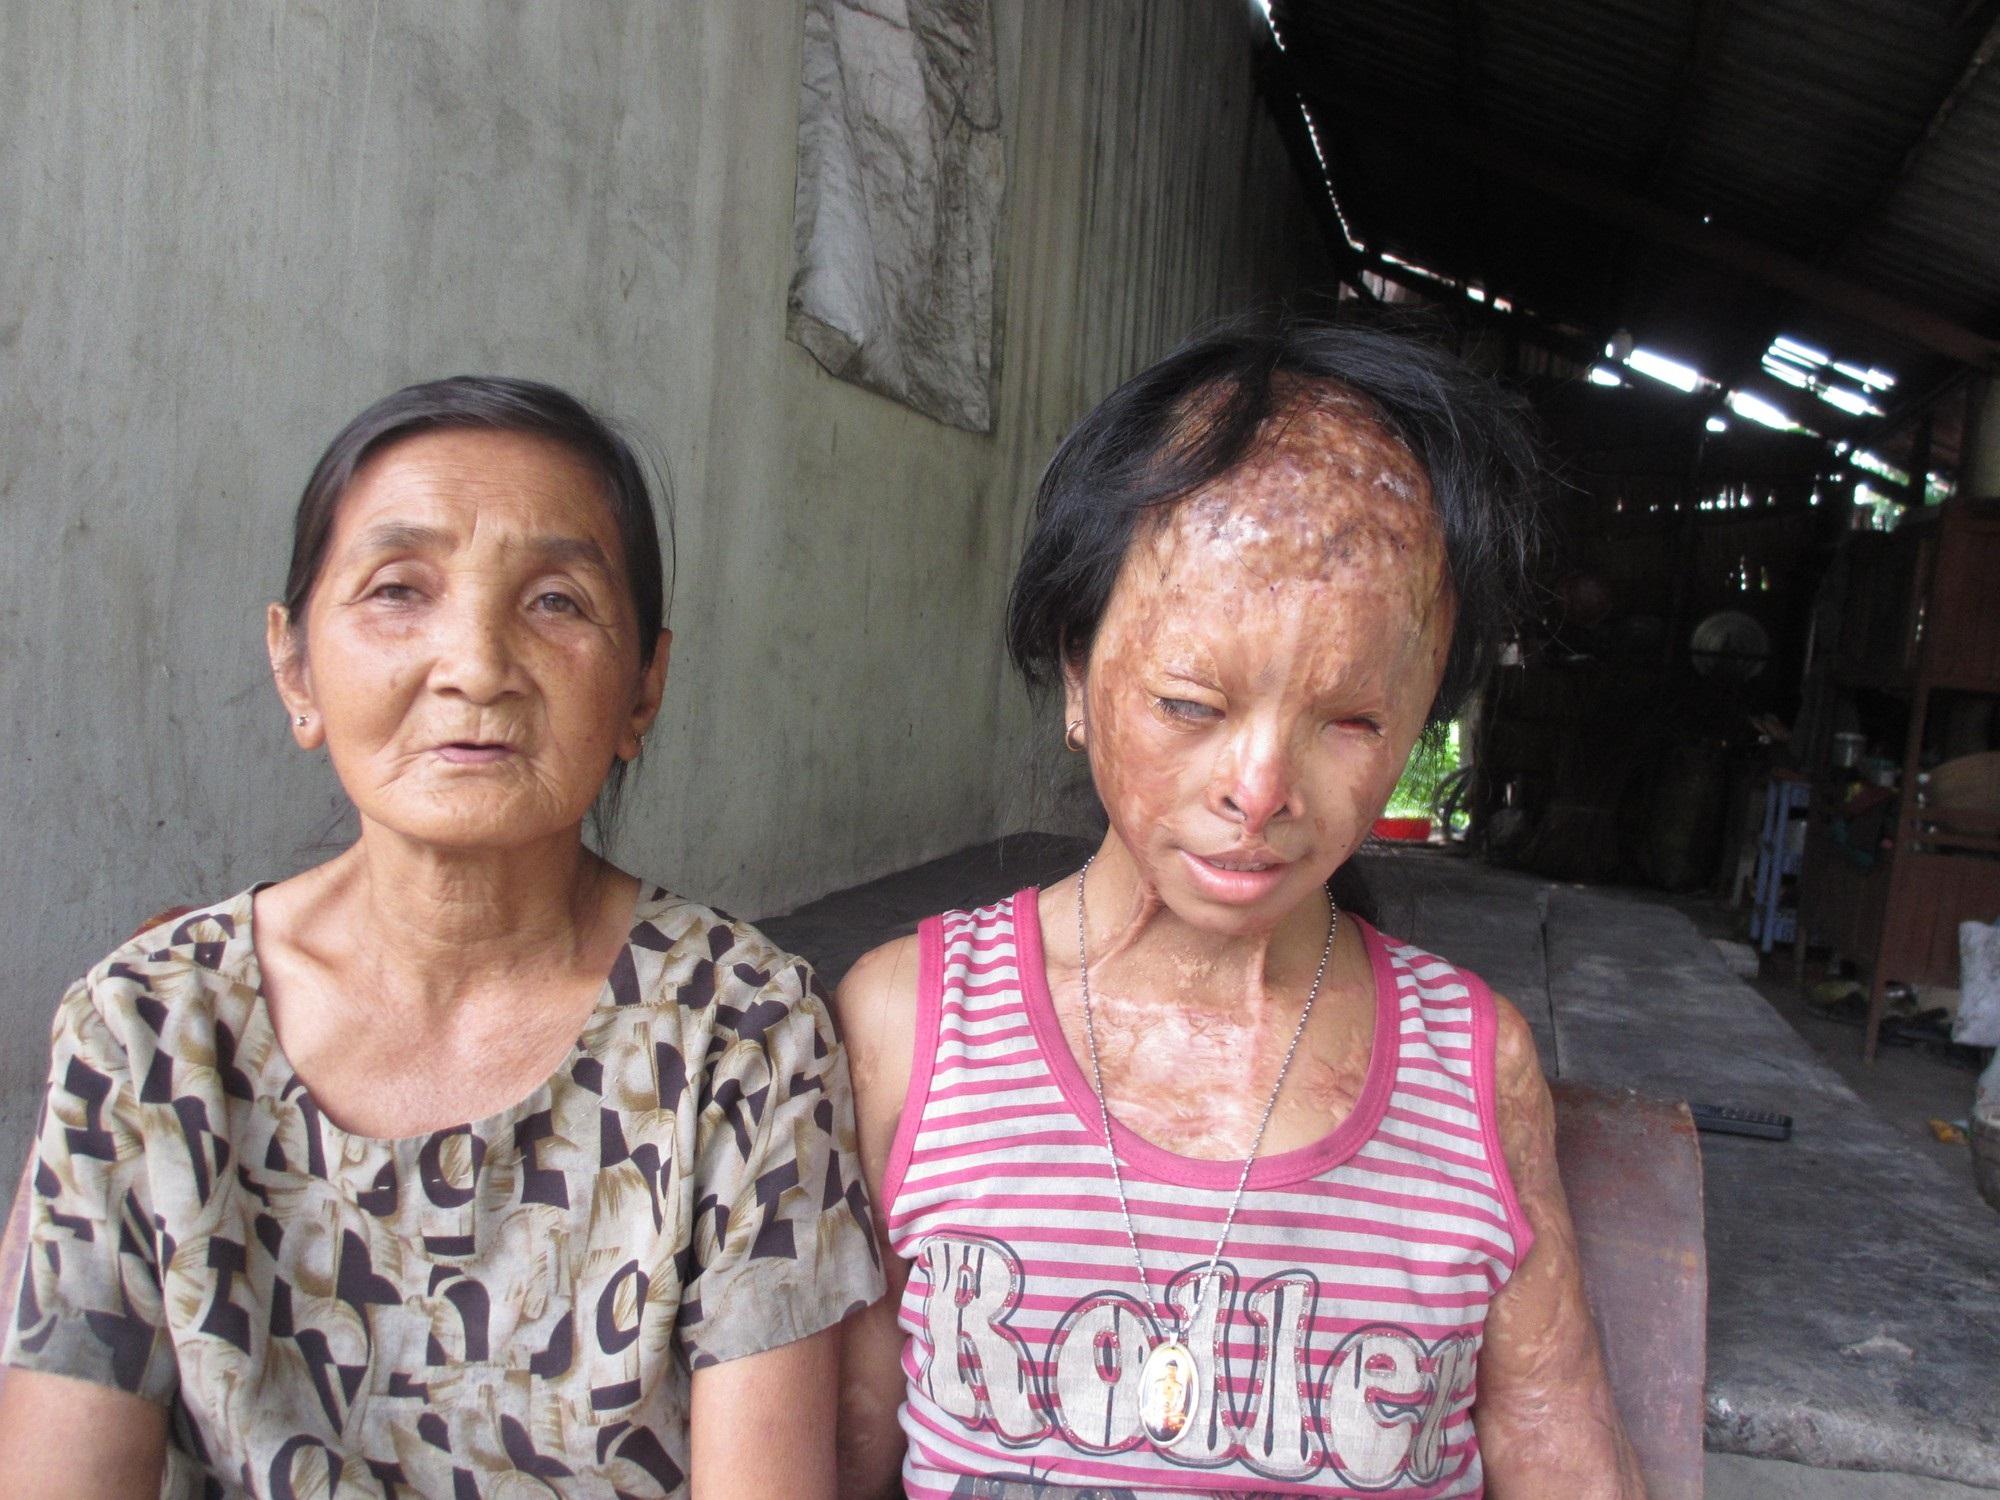 Bà nội bé gái bị tạt axit năm 7 tuổi vì mẹ 'giật chồng' người khác: Tôi muốn xin đôi mắt của tử tù Nguyễn Hữu Tình để cứu cháu - Ảnh 1